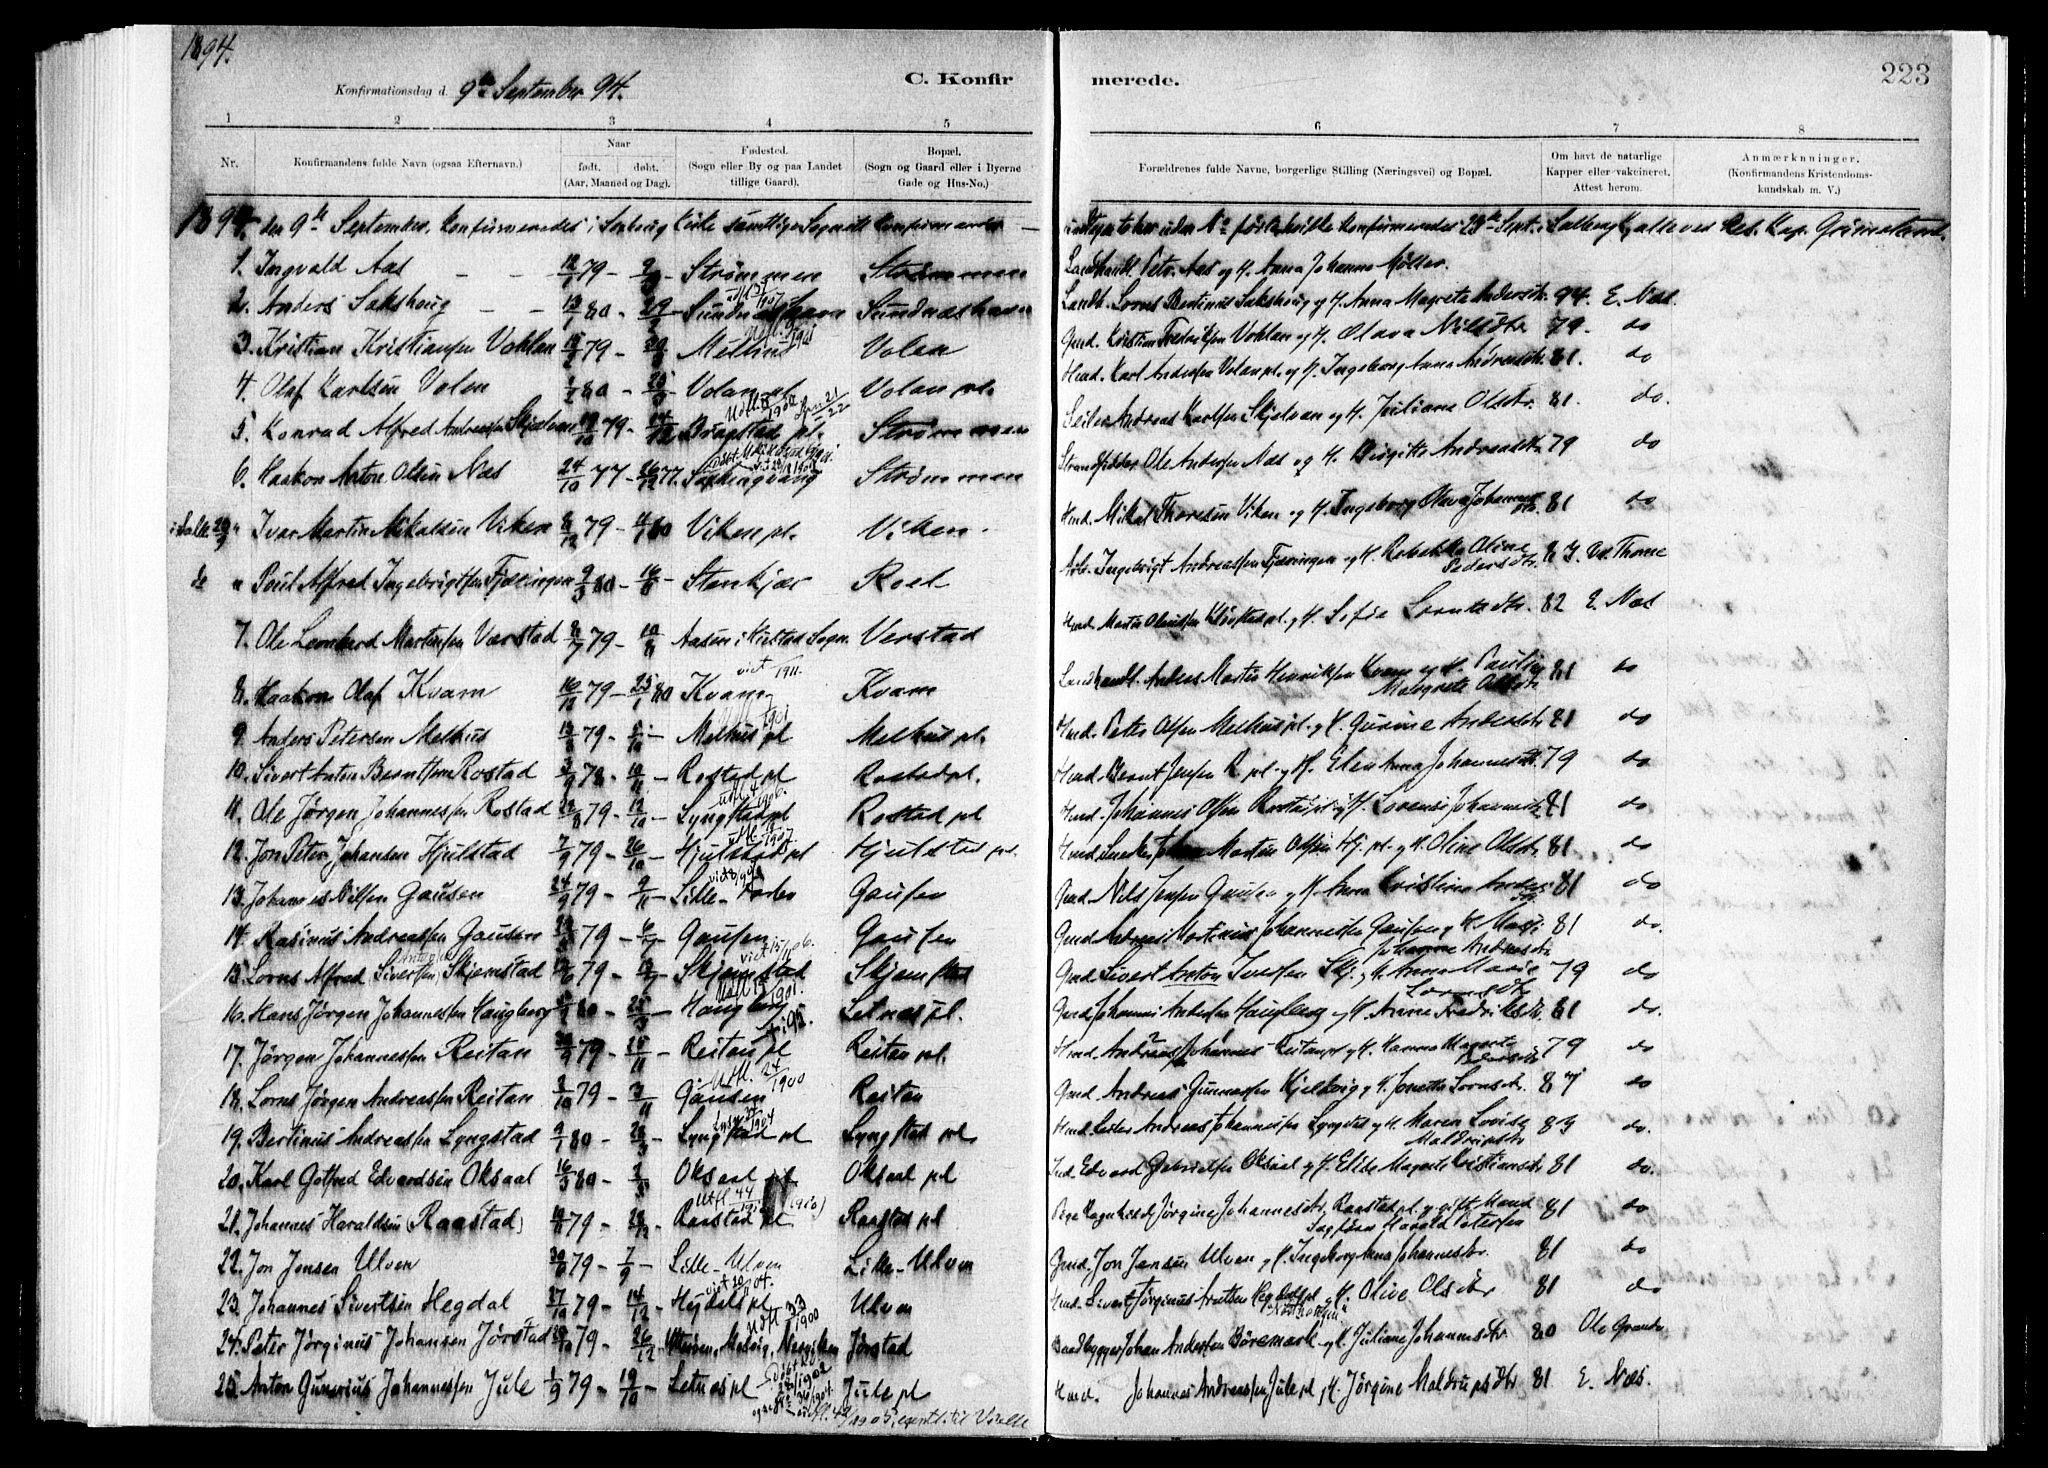 SAT, Ministerialprotokoller, klokkerbøker og fødselsregistre - Nord-Trøndelag, 730/L0285: Ministerialbok nr. 730A10, 1879-1914, s. 223